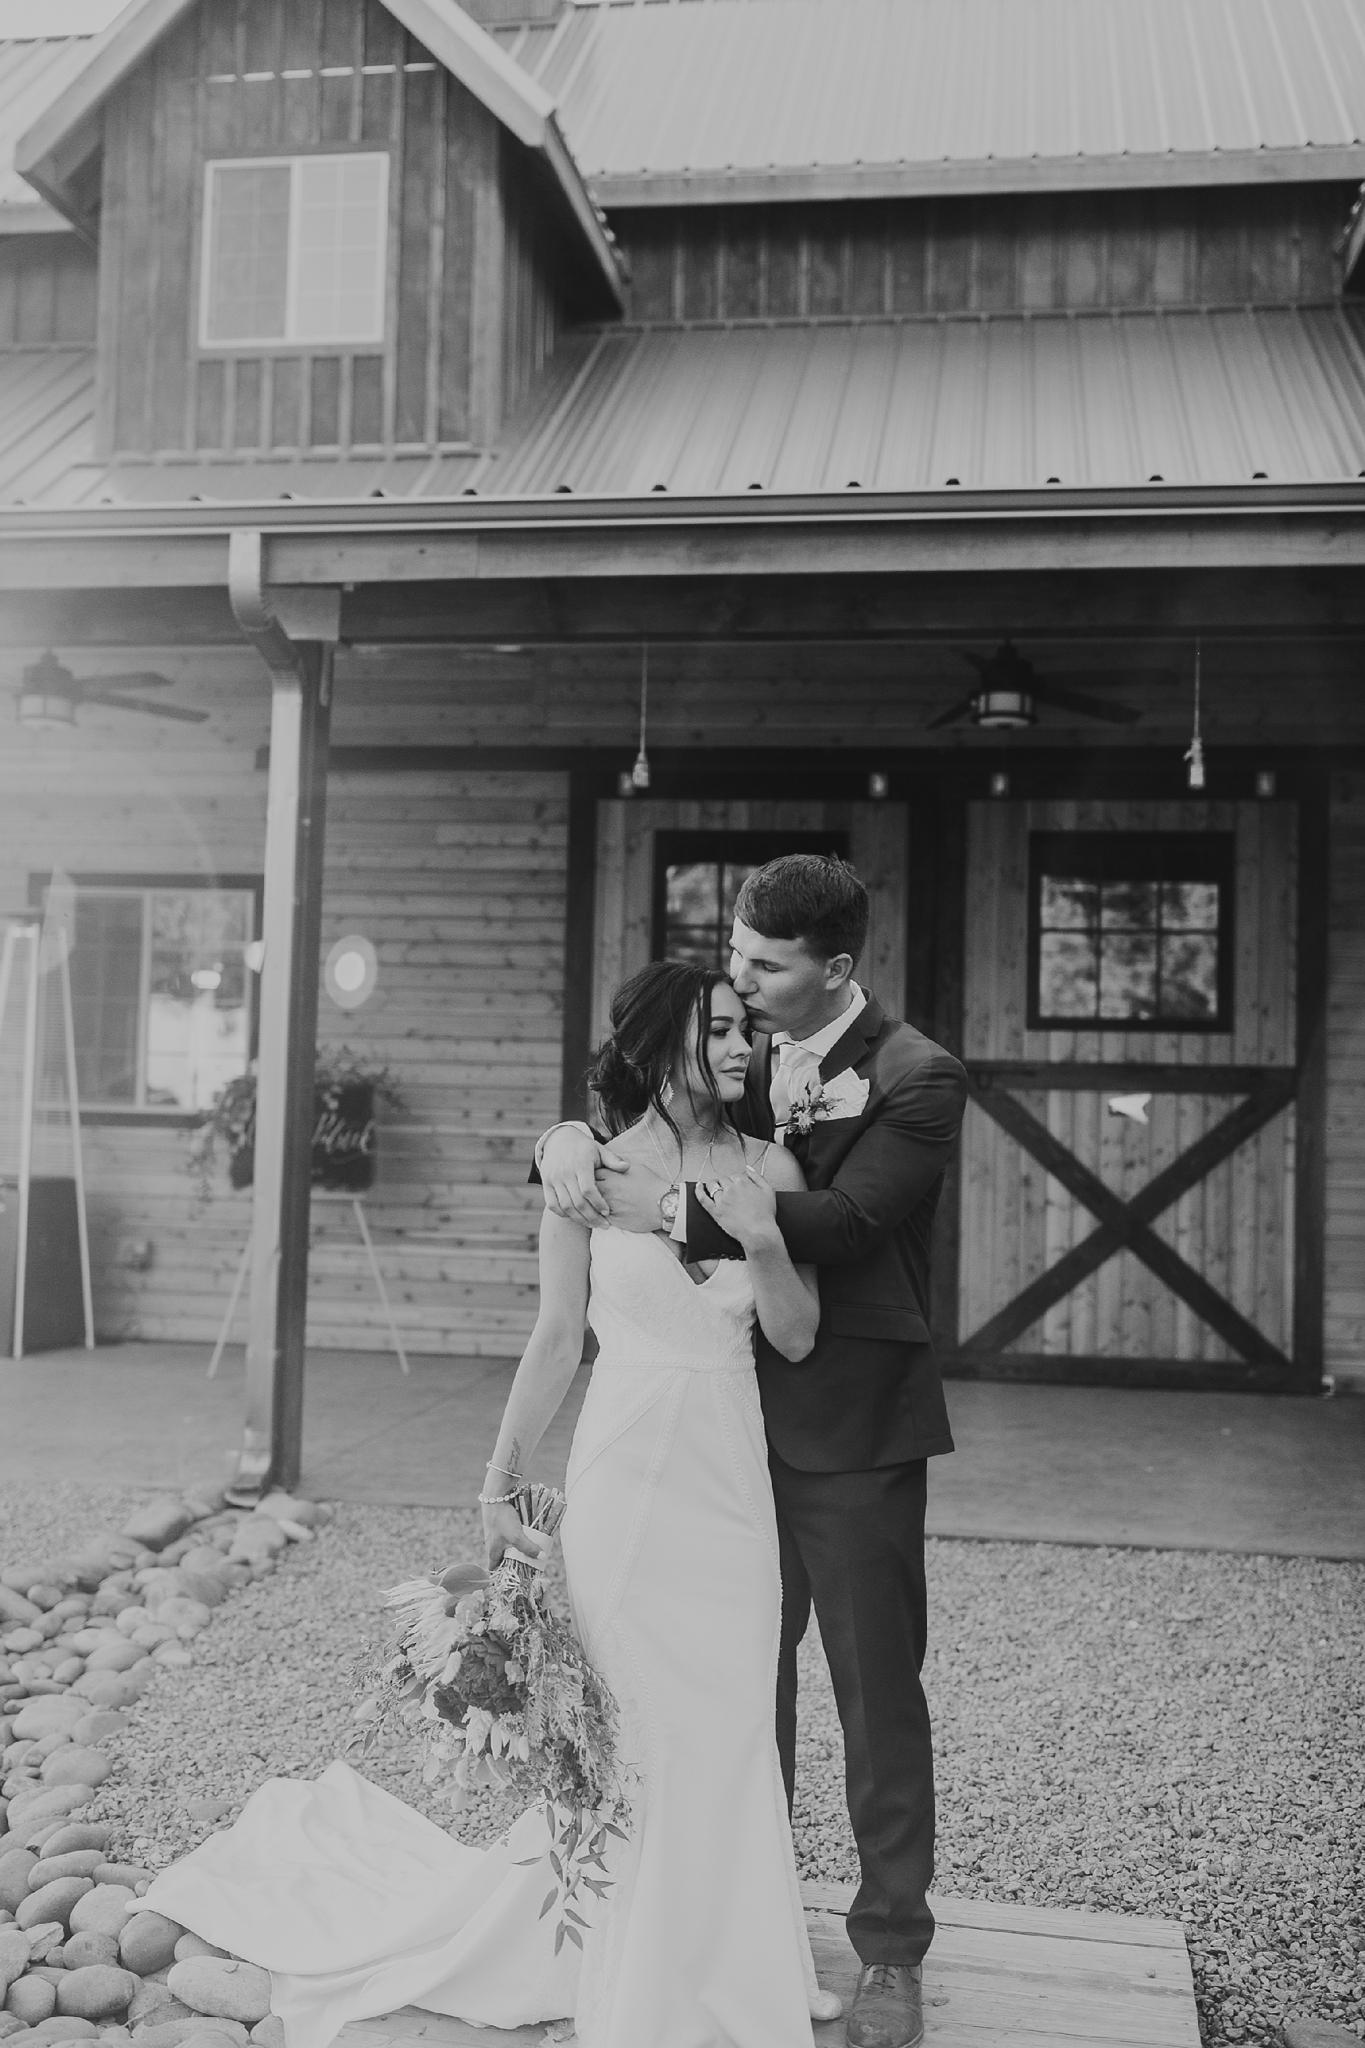 Alicia+lucia+photography+-+albuquerque+wedding+photographer+-+santa+fe+wedding+photography+-+new+mexico+wedding+photographer+-+new+mexico+wedding+-+new+mexico+wedding+-+barn+wedding+-+enchanted+vine+barn+wedding+-+ruidoso+wedding_0134.jpg